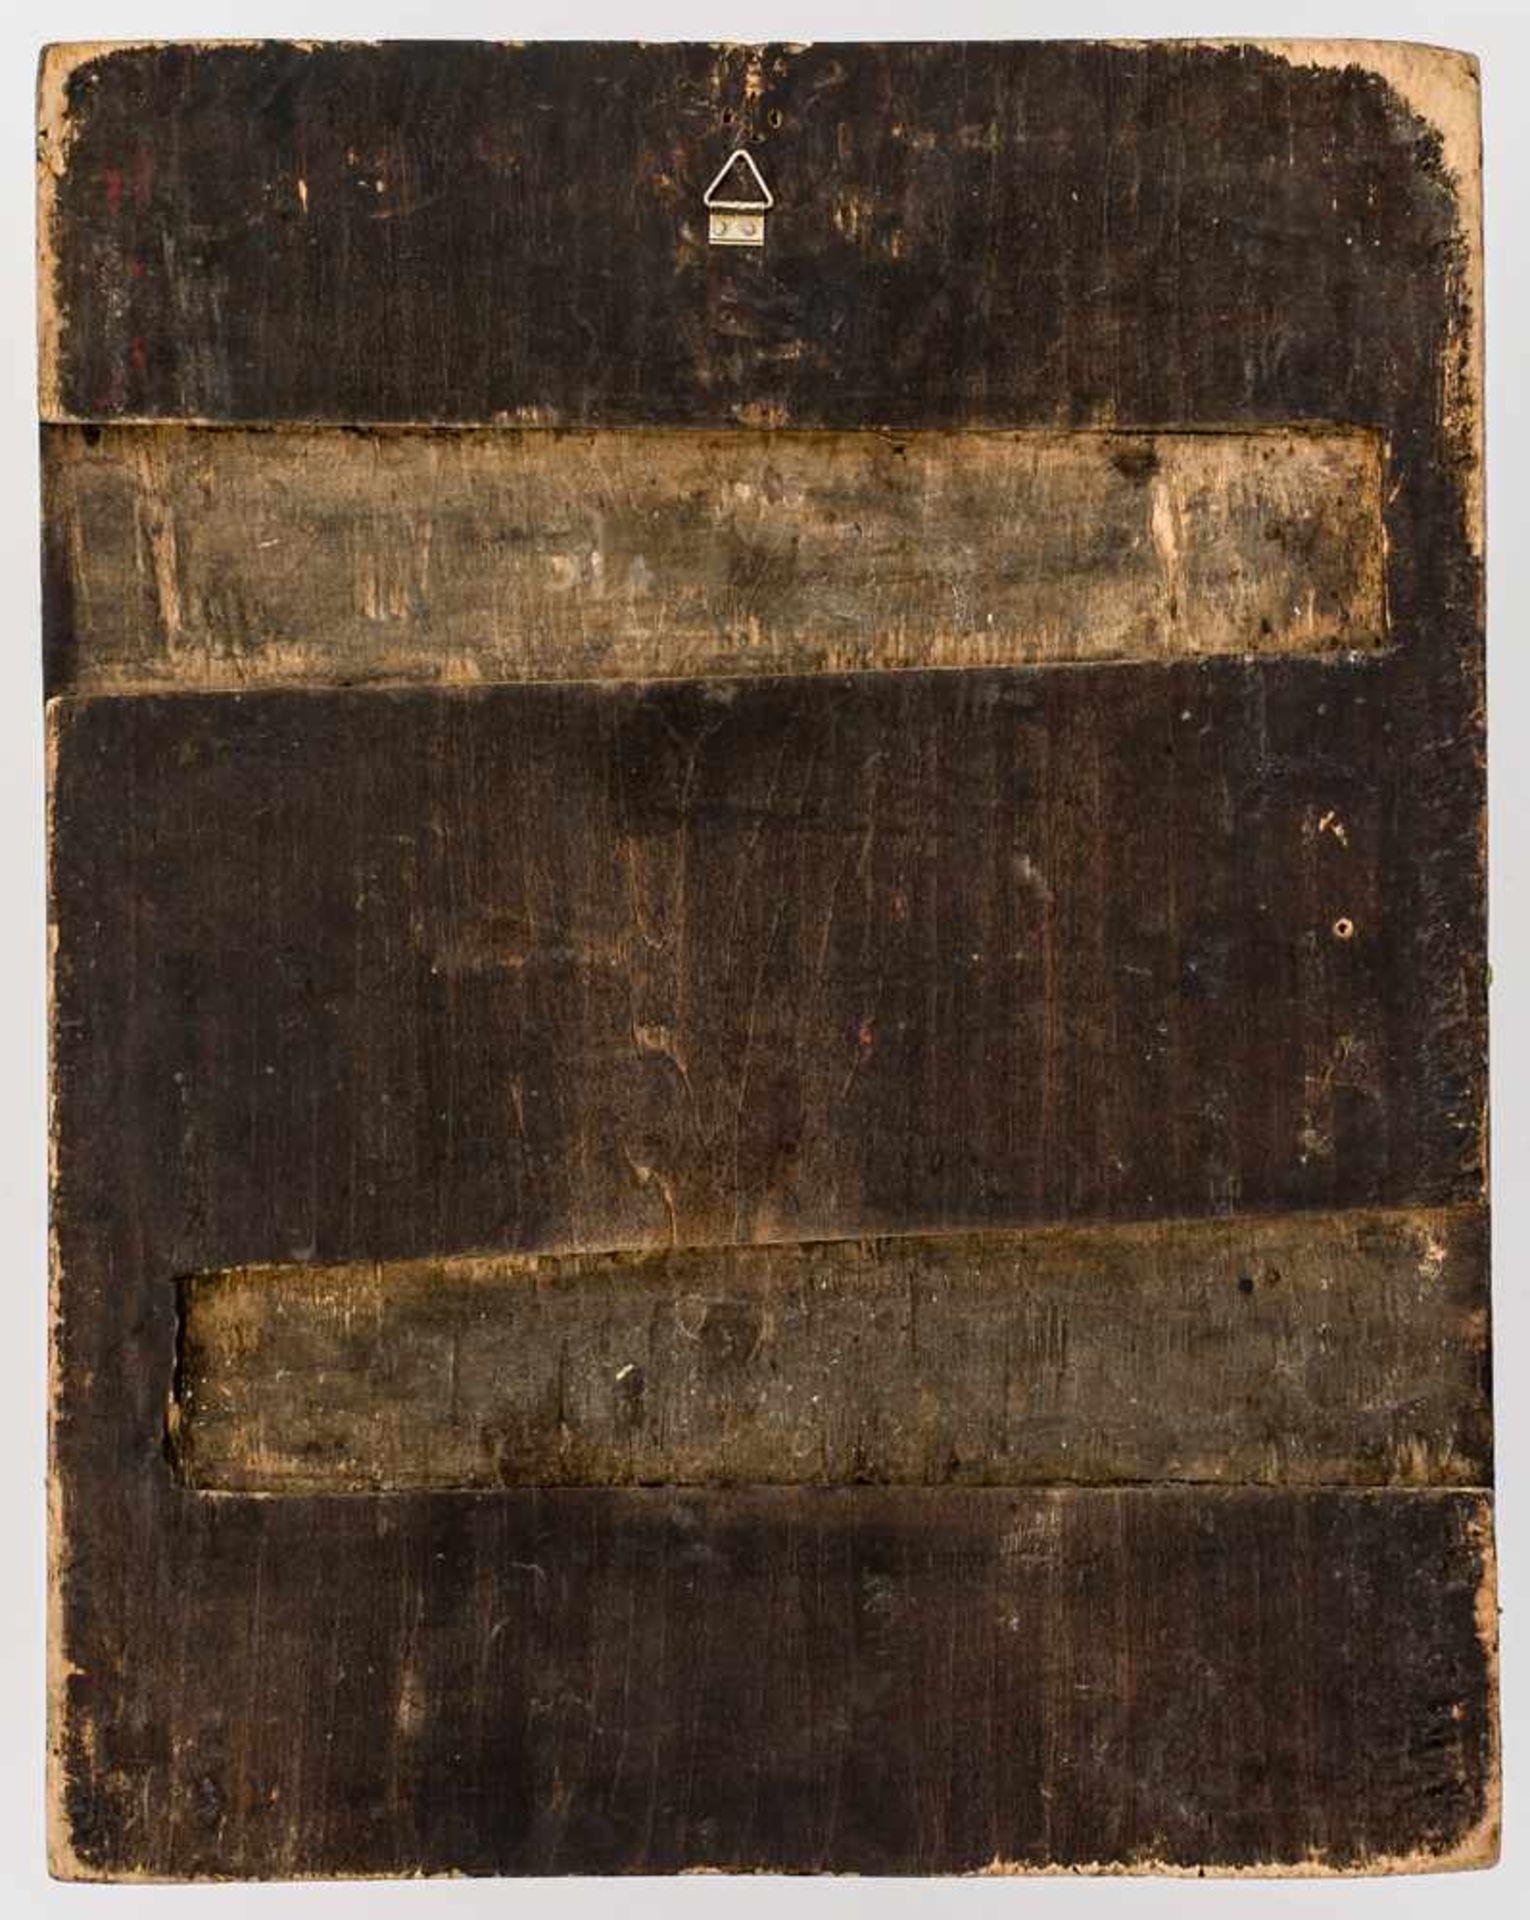 *Entschlafung der Gottesmutter Russische Ikone, Mitte 19. Jh. 34 x 27,5 cm Provenienz: Bayerische - Bild 2 aus 2